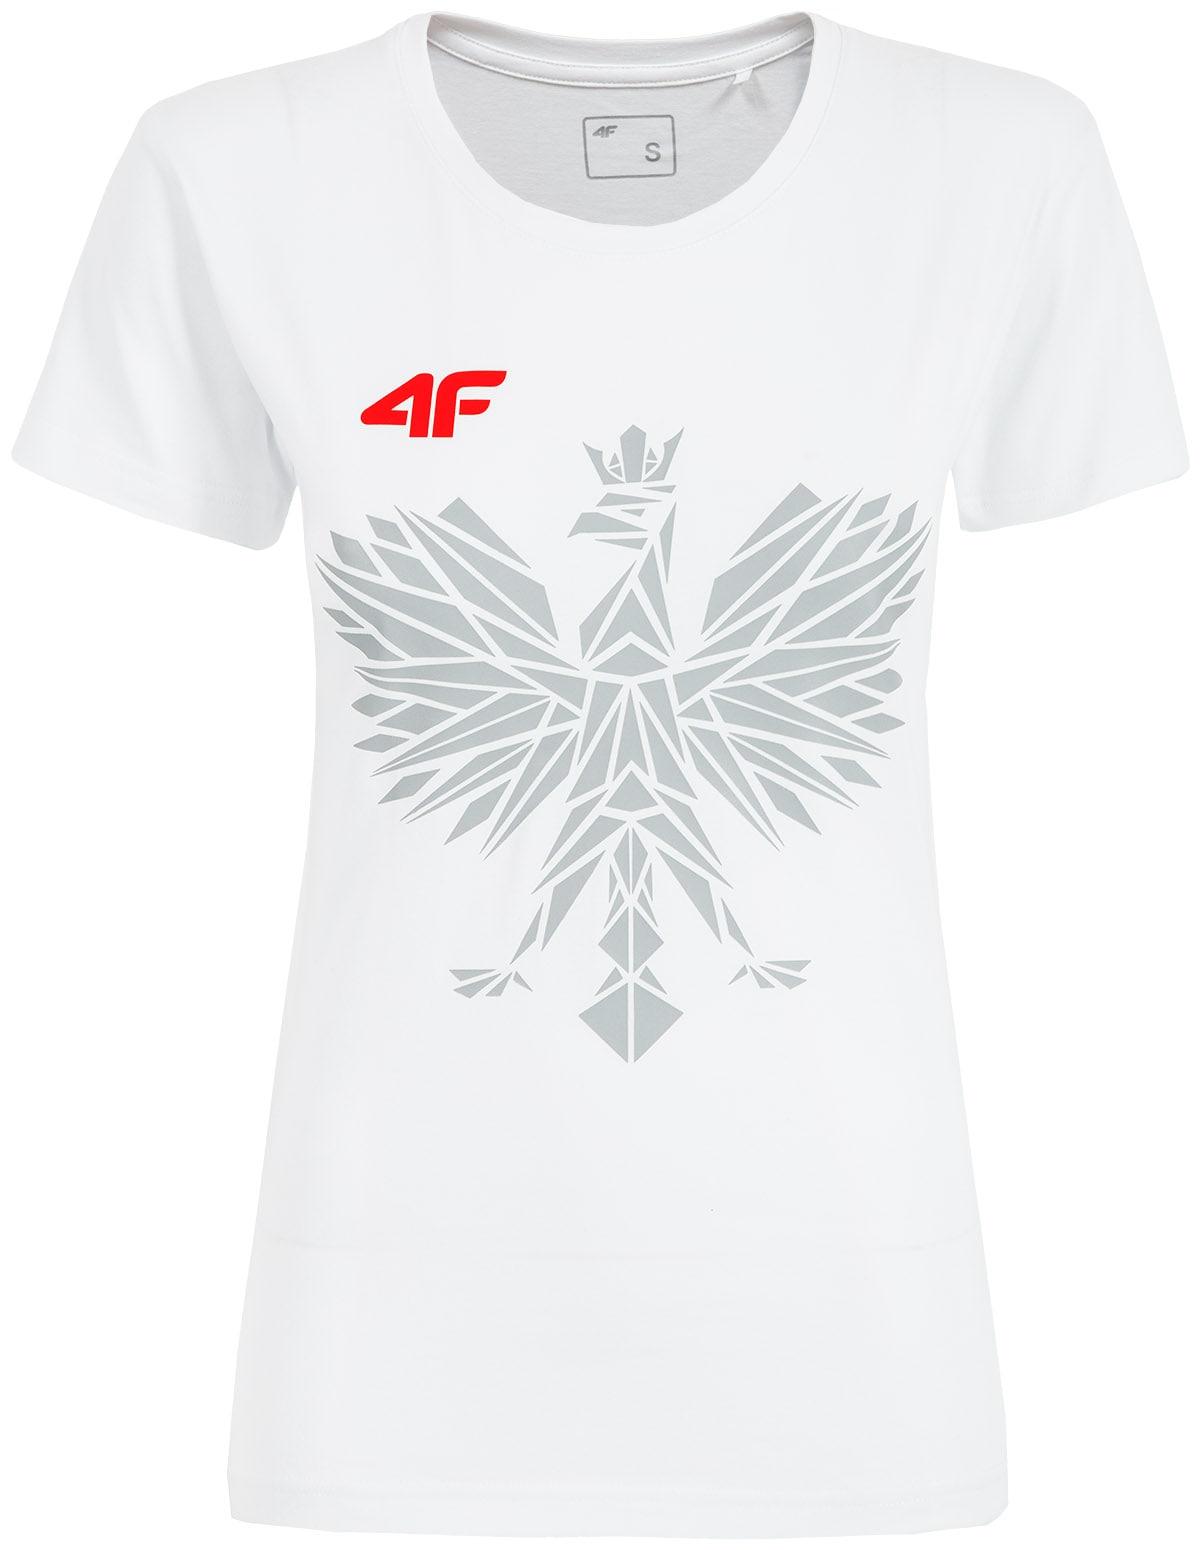 5ad7d771de3df2 Koszulka kibica PZLA damska TSDF101 - biały